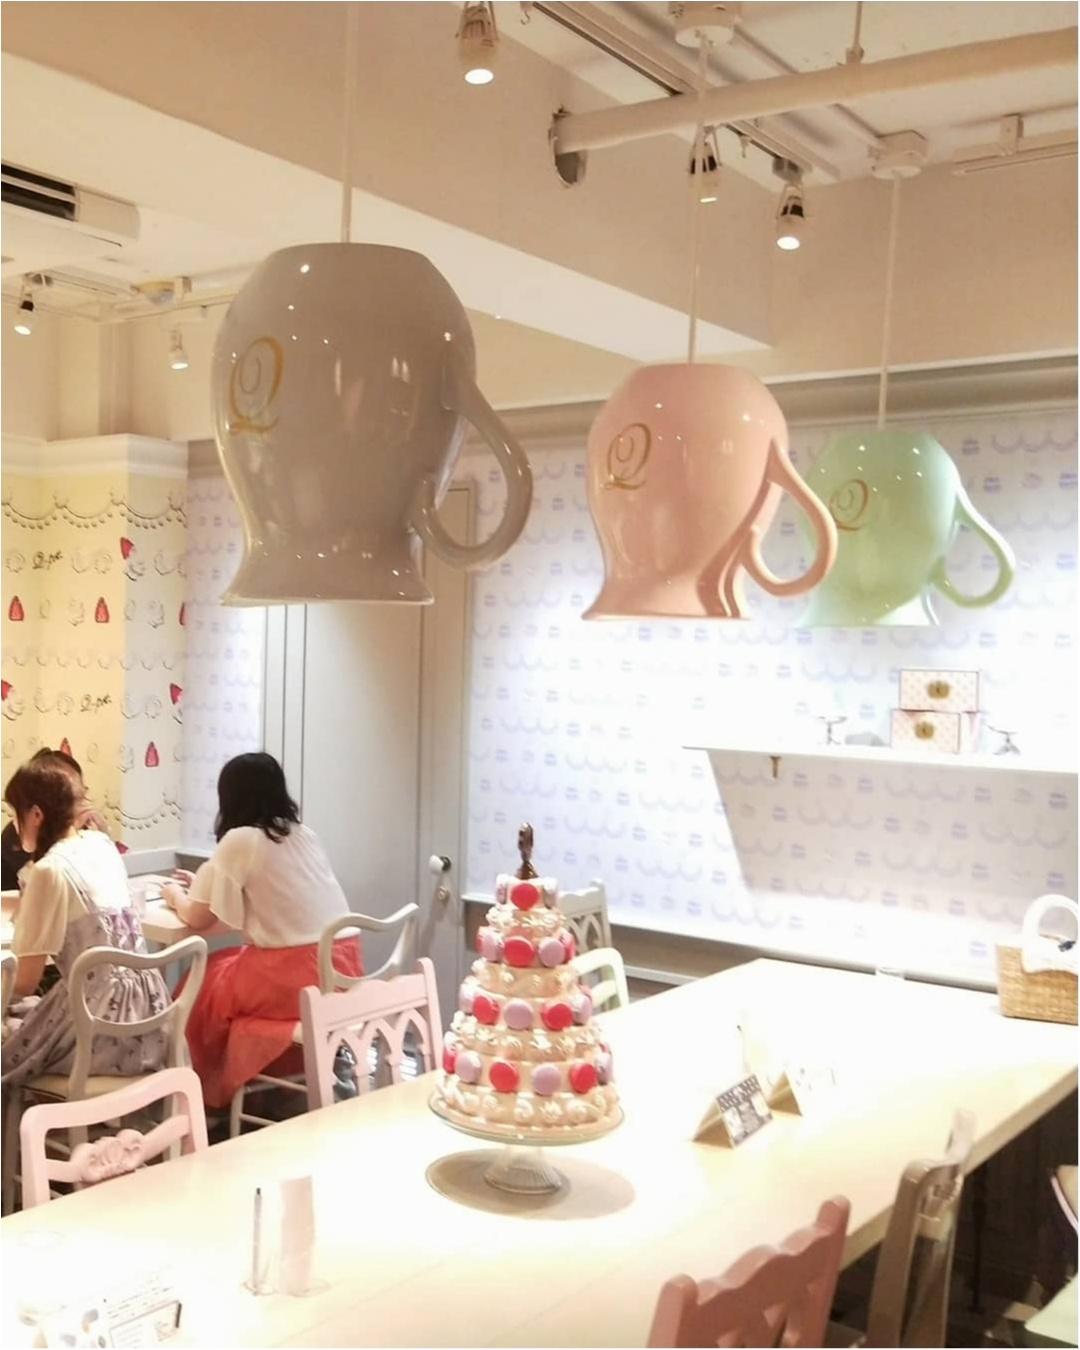 【表参道 Q-pot CAFE.】お菓子で溢れた店内で♡アクセサリーをモチーフにしたスイーツに舌鼓_3